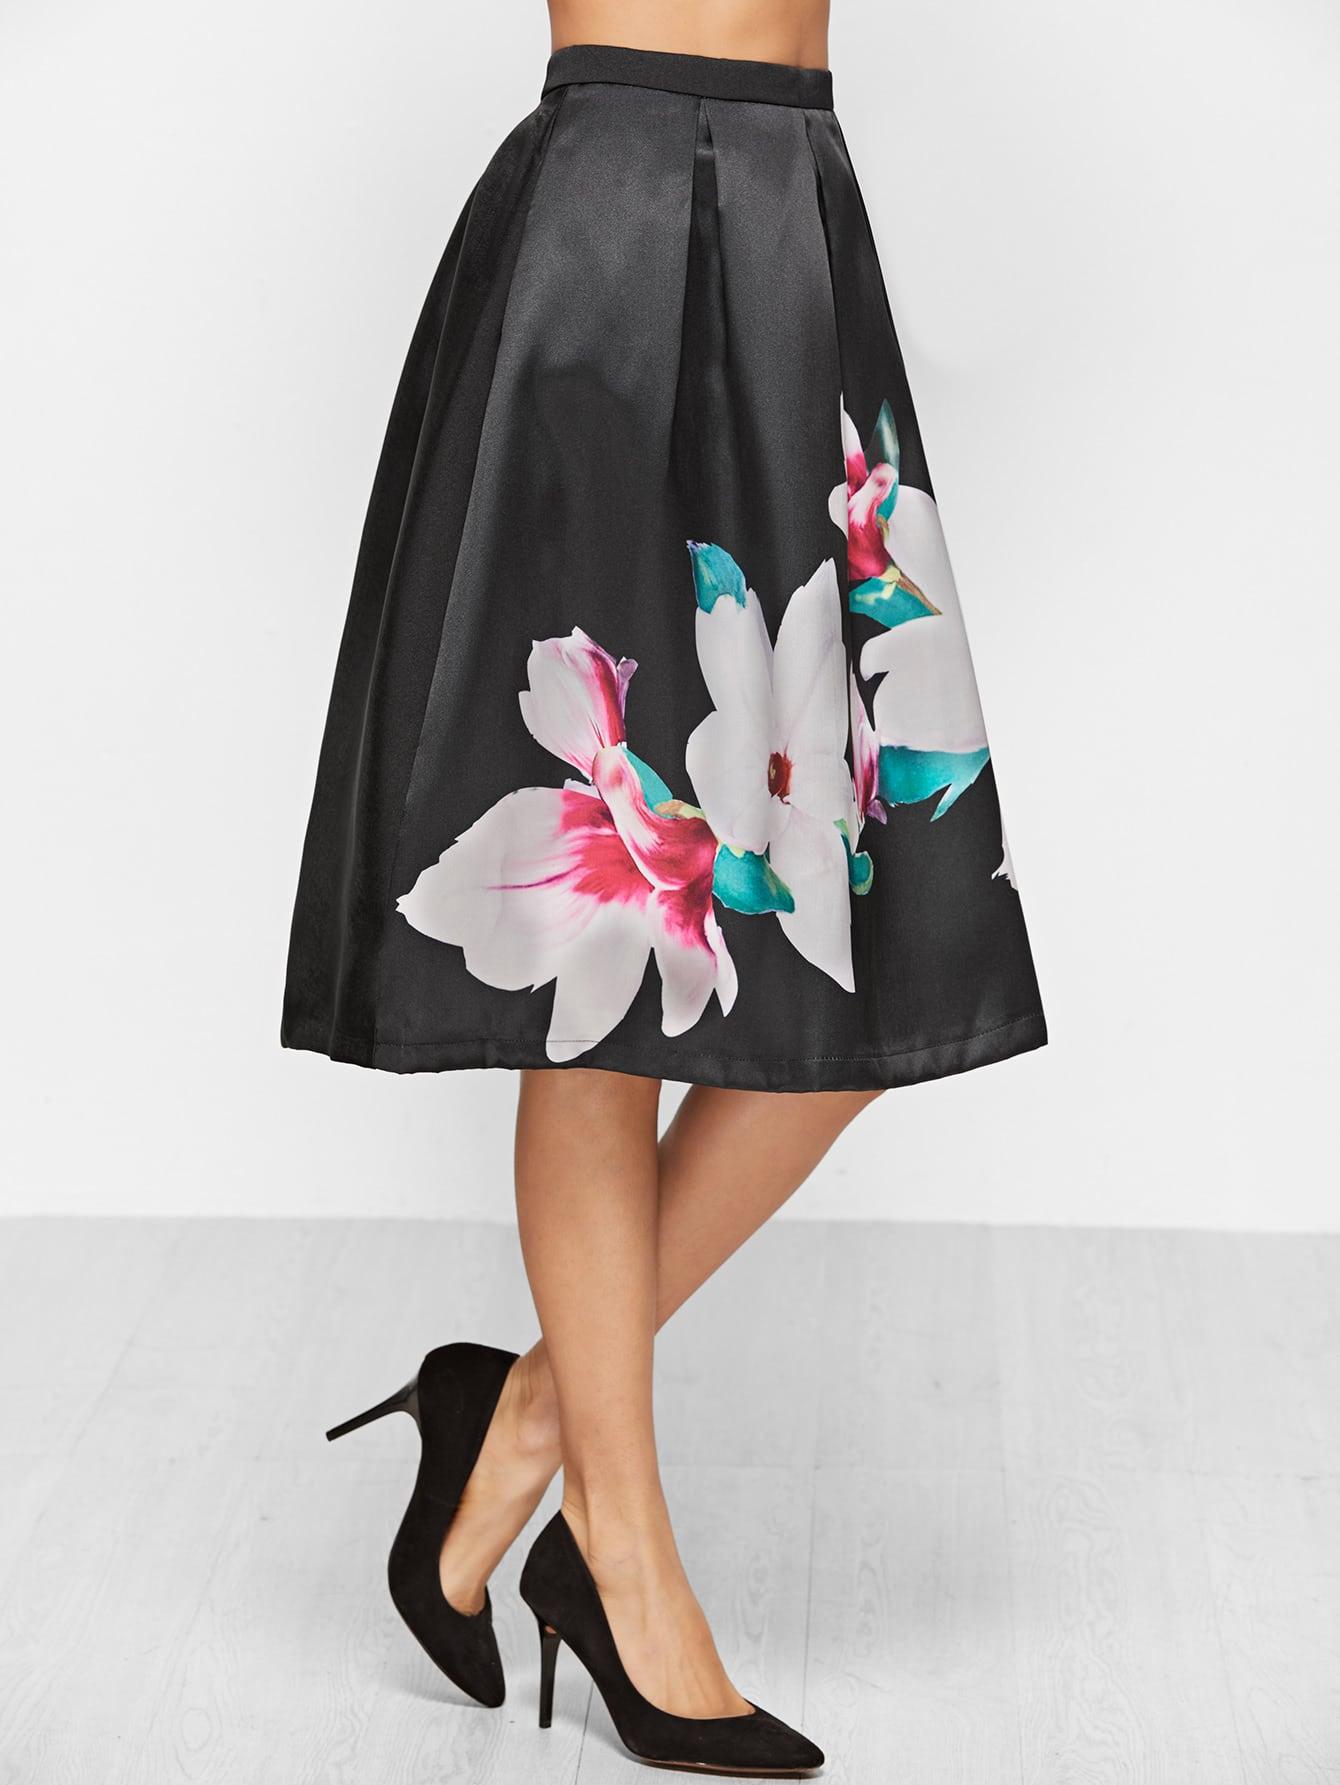 skirt161206470_2